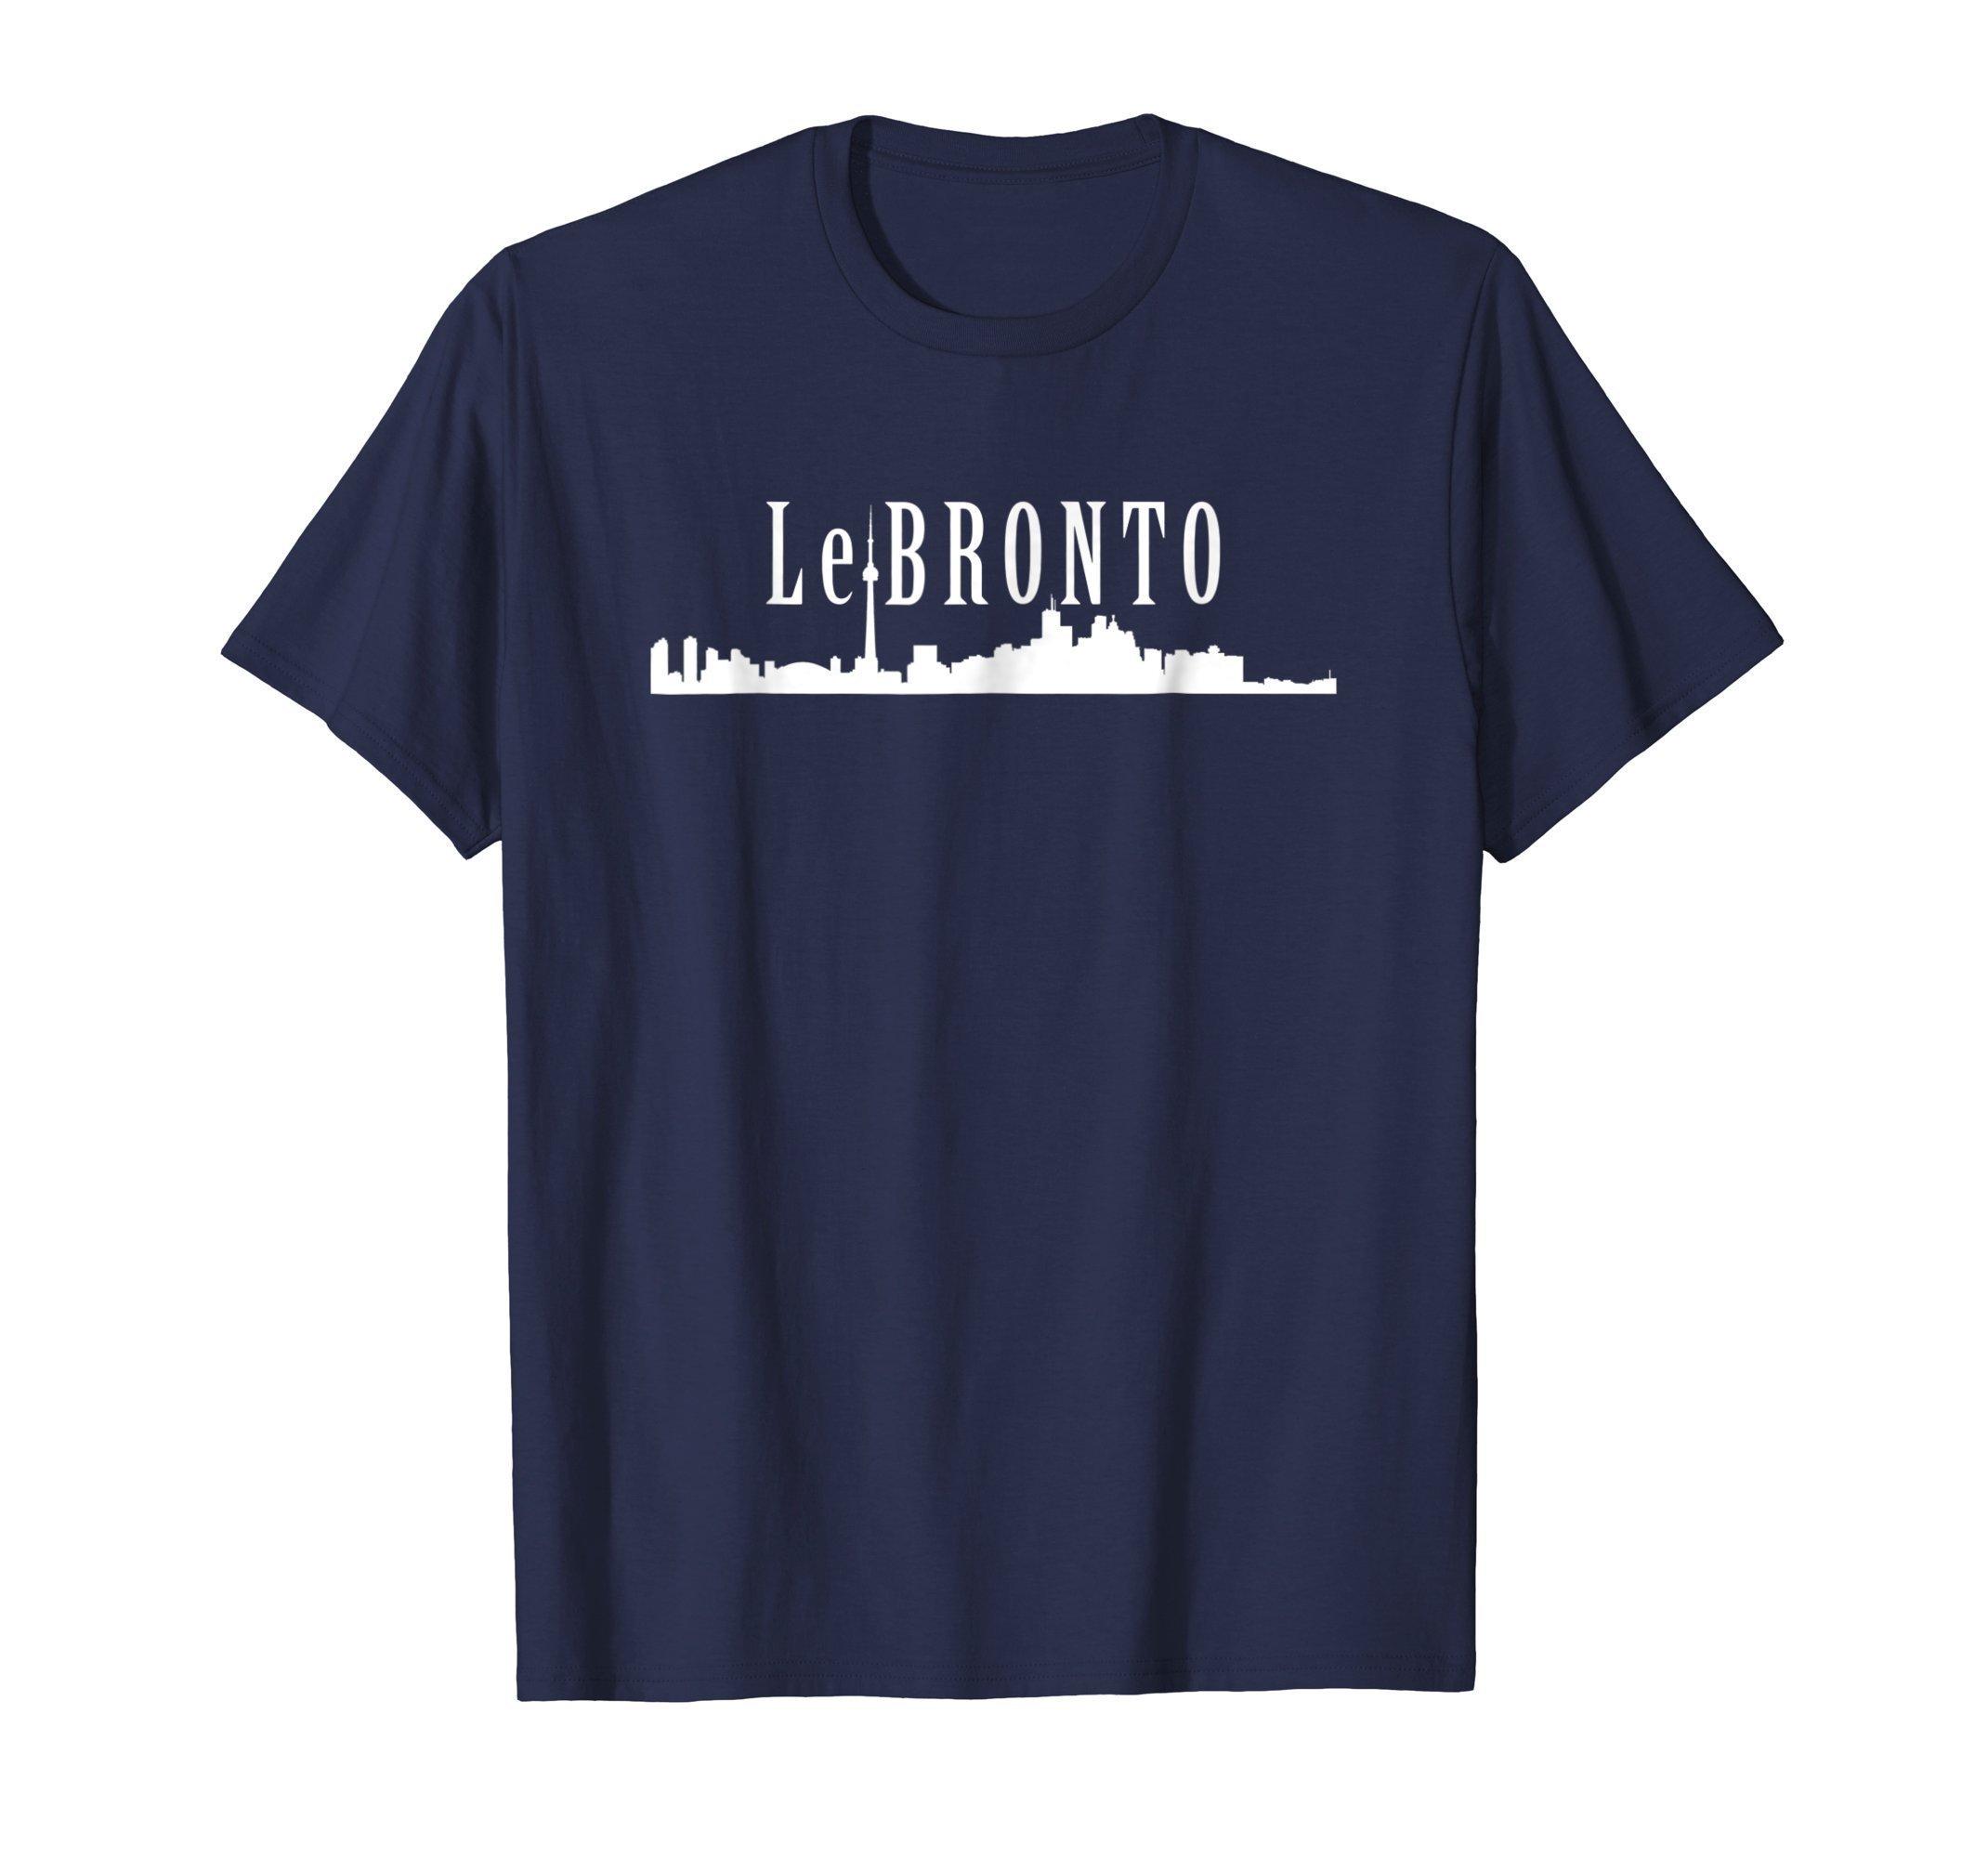 Top Selling Perfect Lebronto Shirt Toronto Basketball